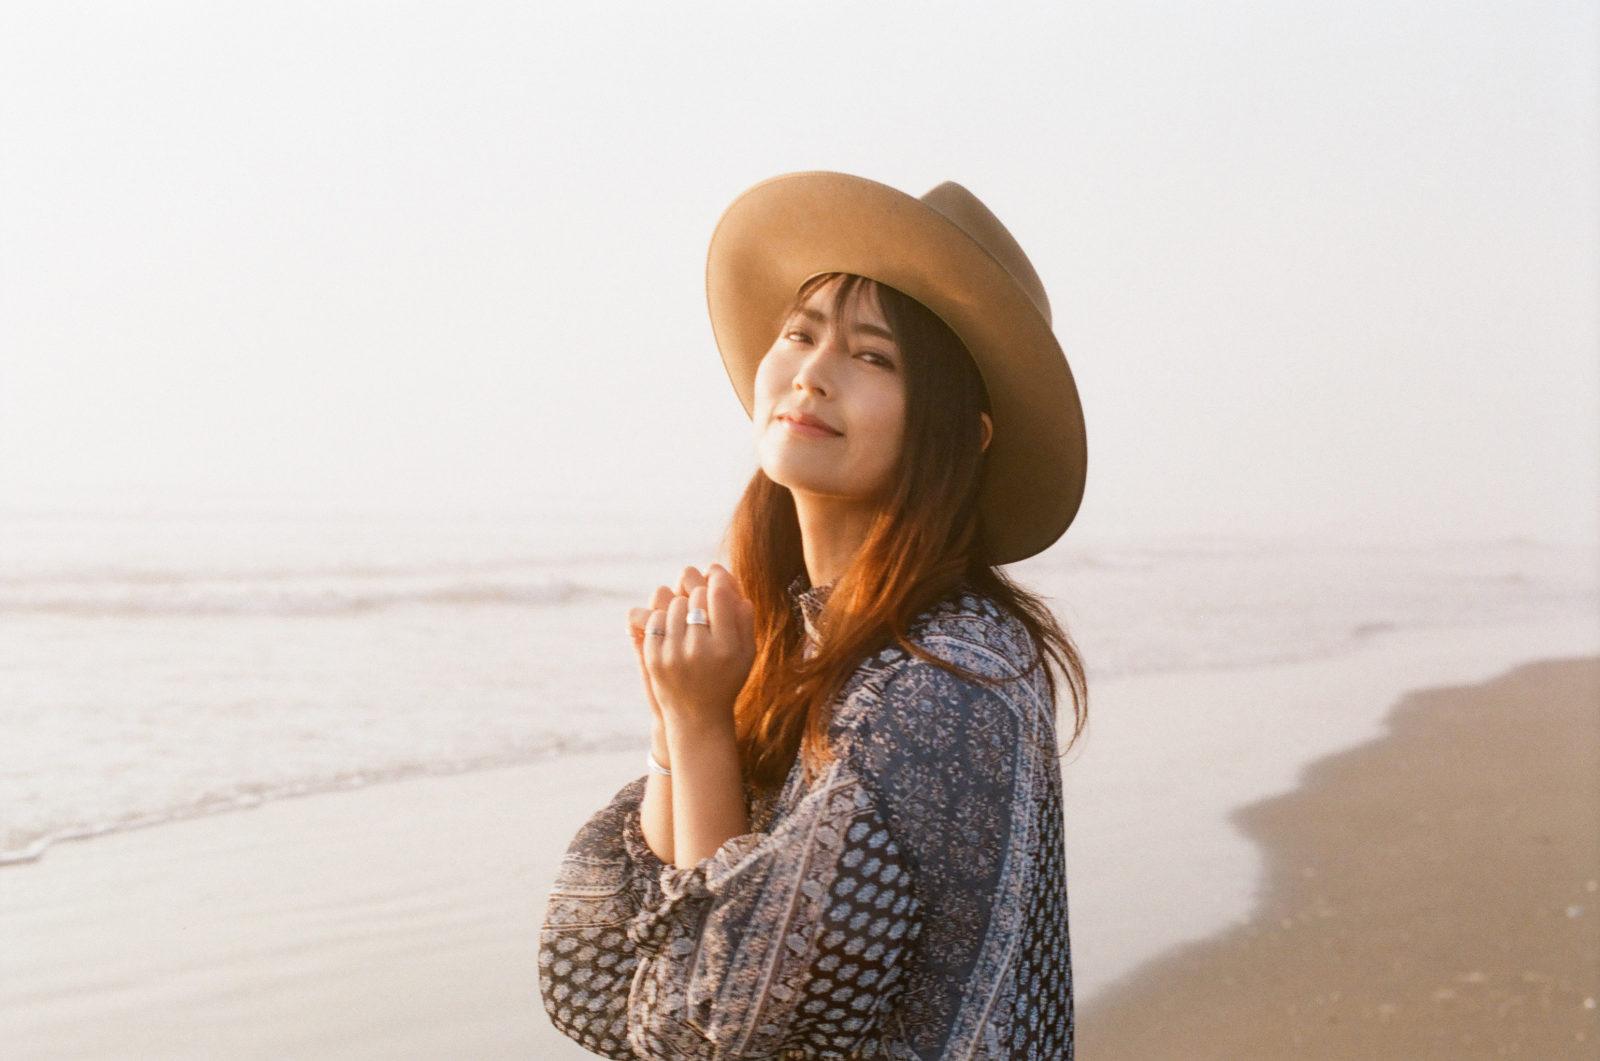 シンガーソングライターMiyuuが誕生日にECサイト・オープン、ハンドメイド商品の売り上げ一部をコロナ支援に寄付サムネイル画像